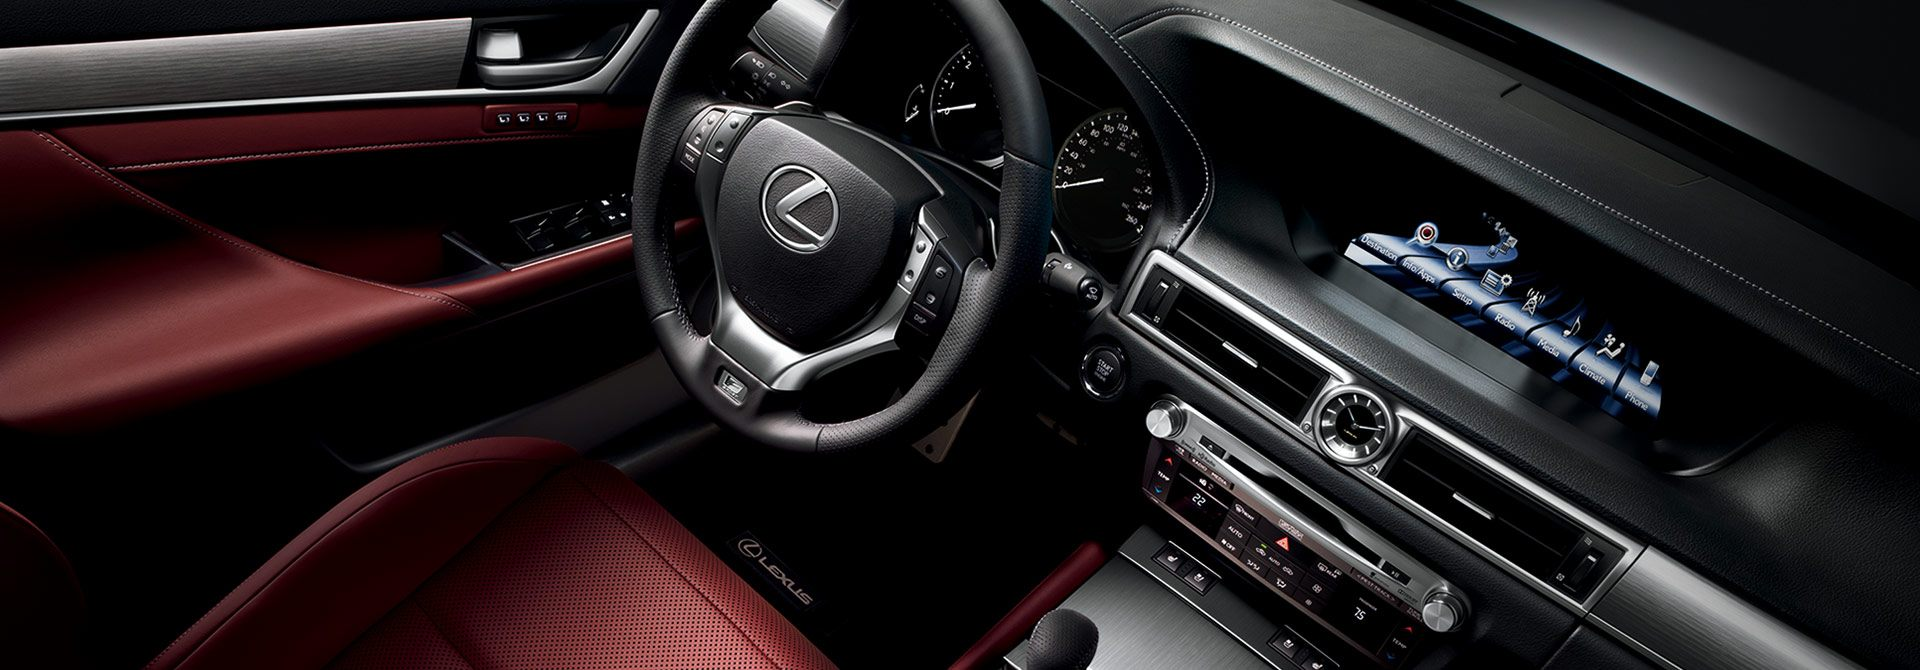 Lexus GS F Sport Dash